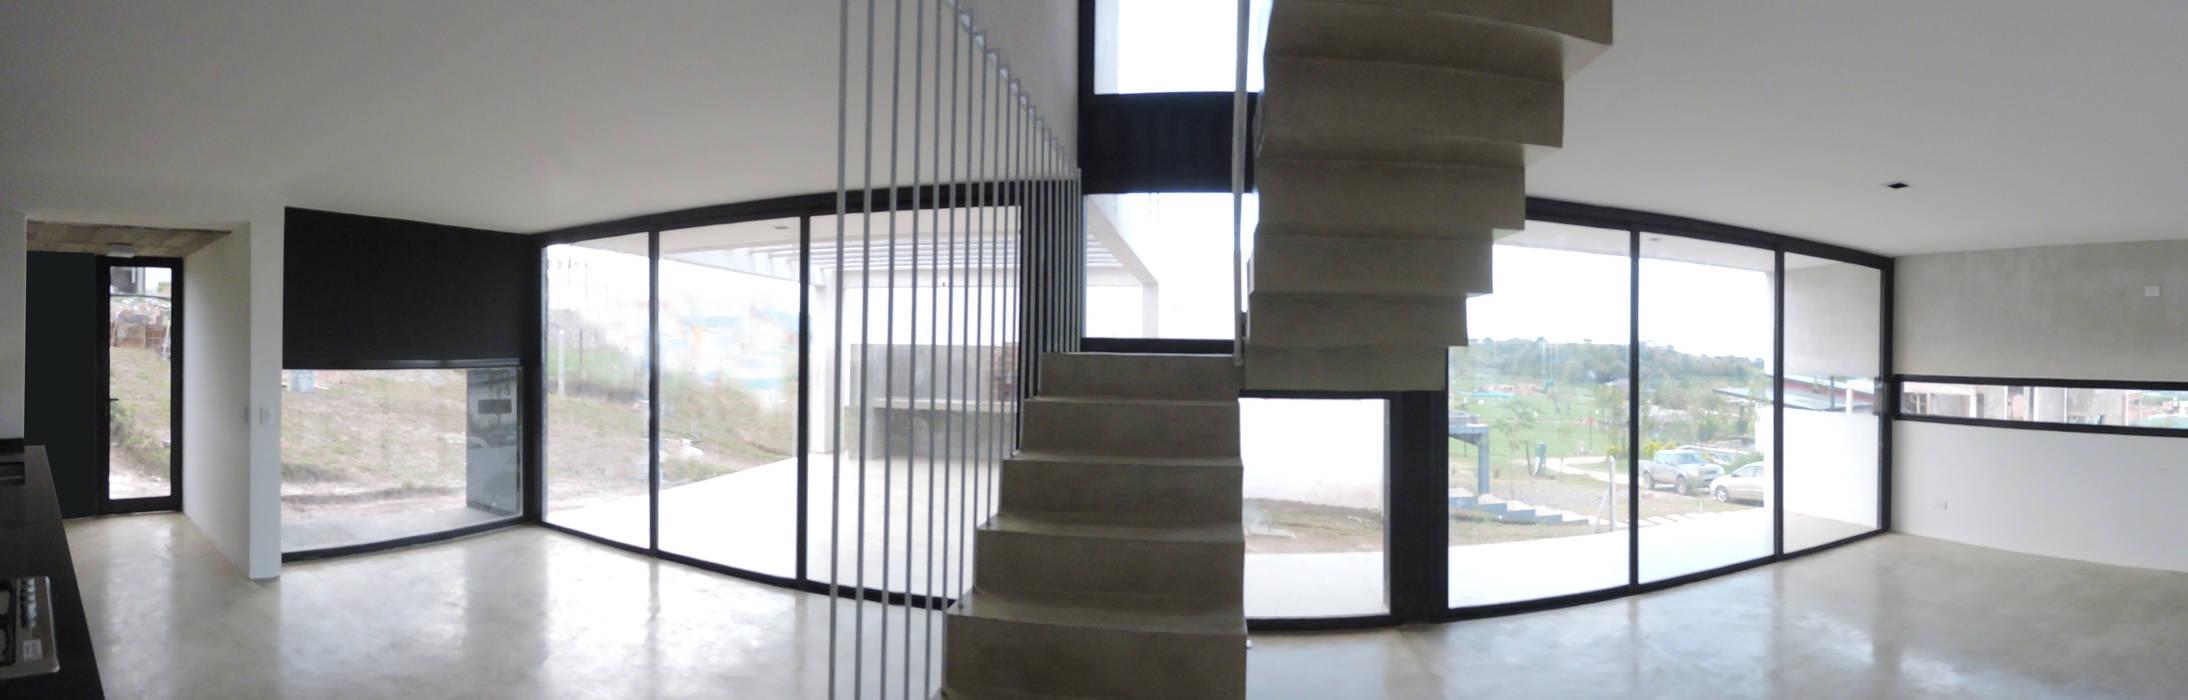 Casa LL Pasillos, vestíbulos y escaleras minimalistas de jose m zamora ARQ Minimalista